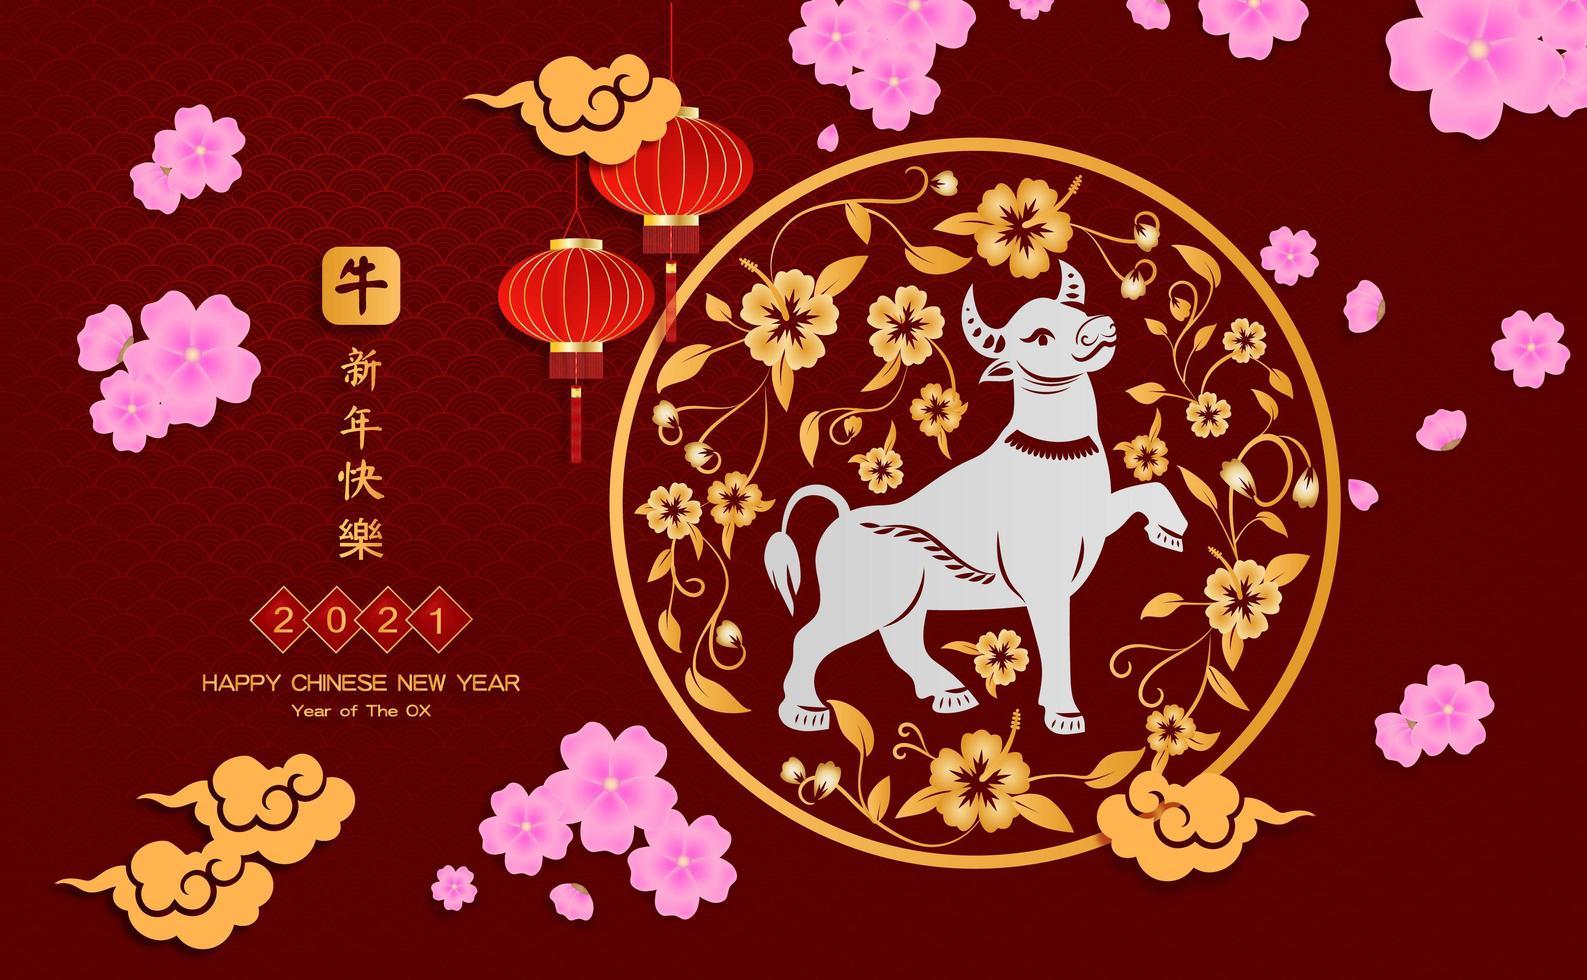 kinesiskt nyår 2021 år av oxen, rött pappersskuren oxkaraktär, blomma och asiatiska element med hantverksstil på bakgrunden. vektor